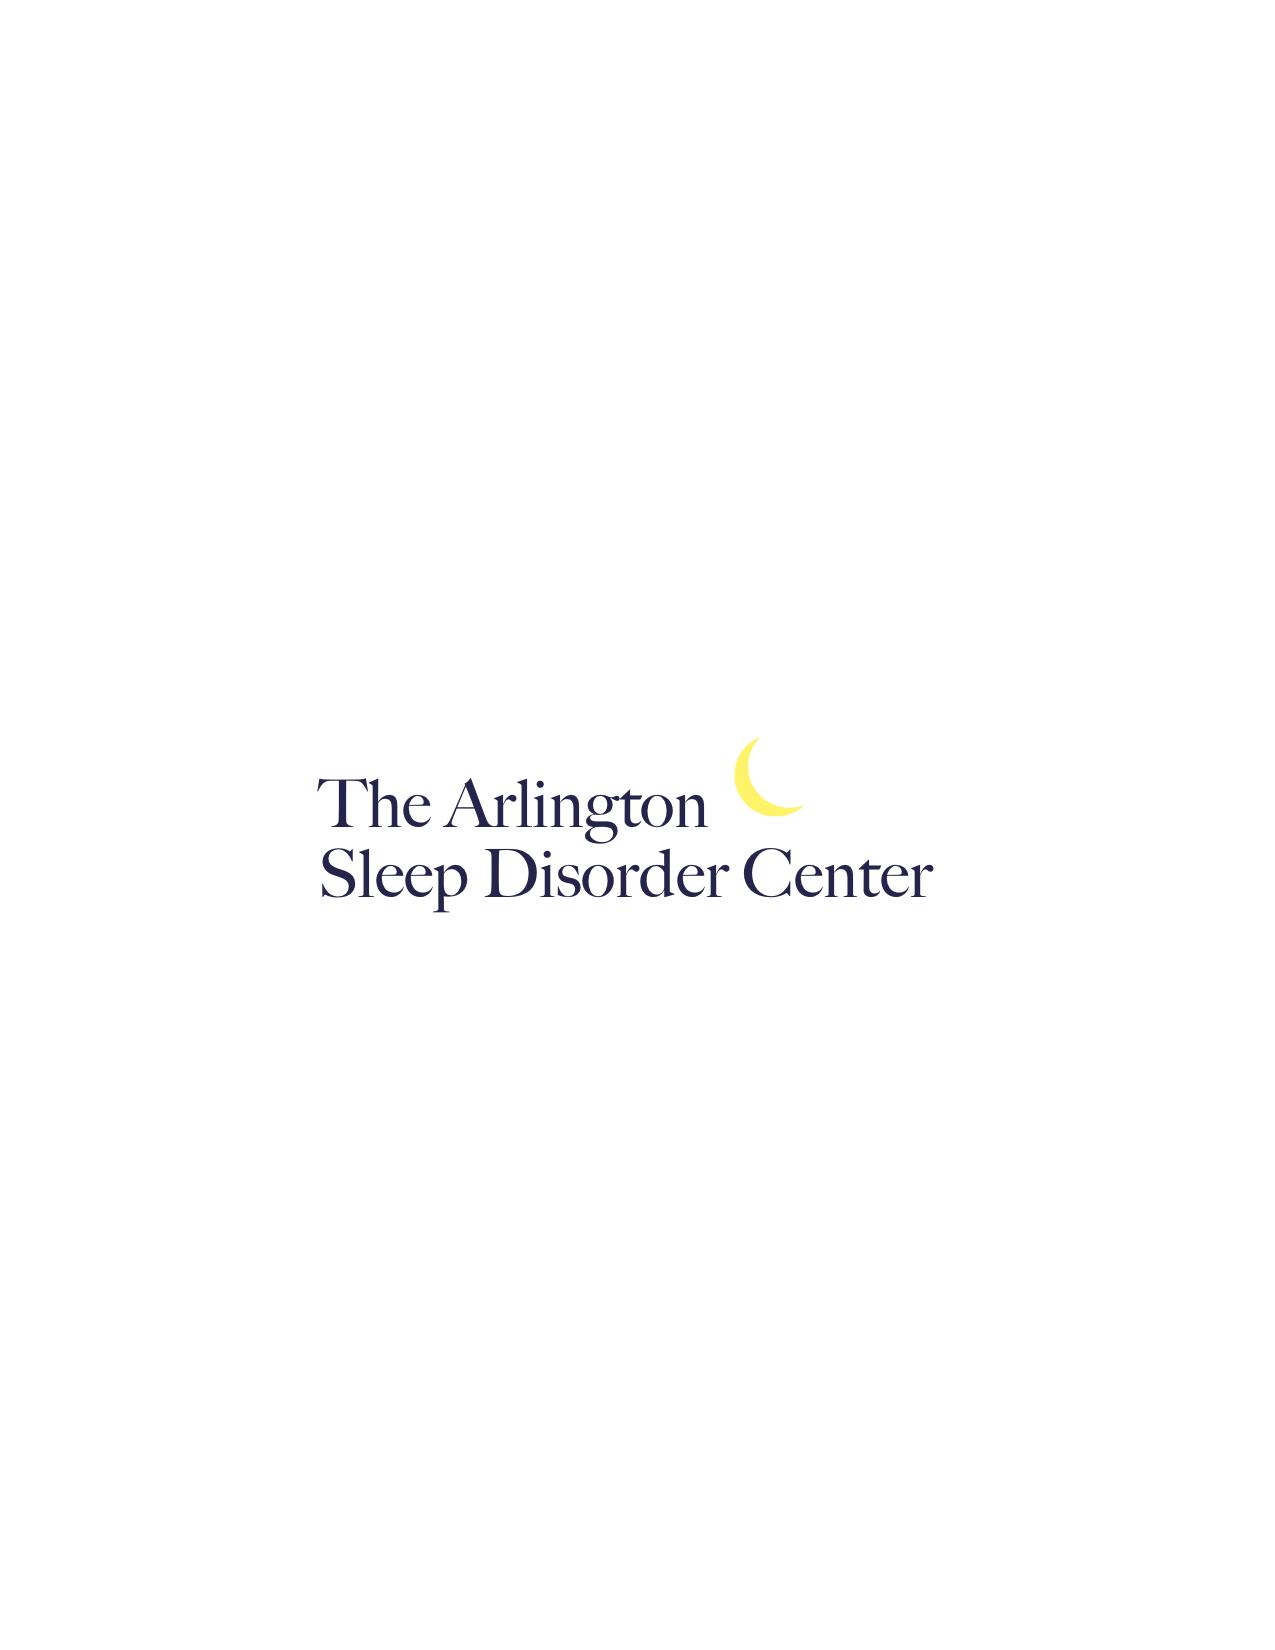 The Sleep Disorder Center Logo